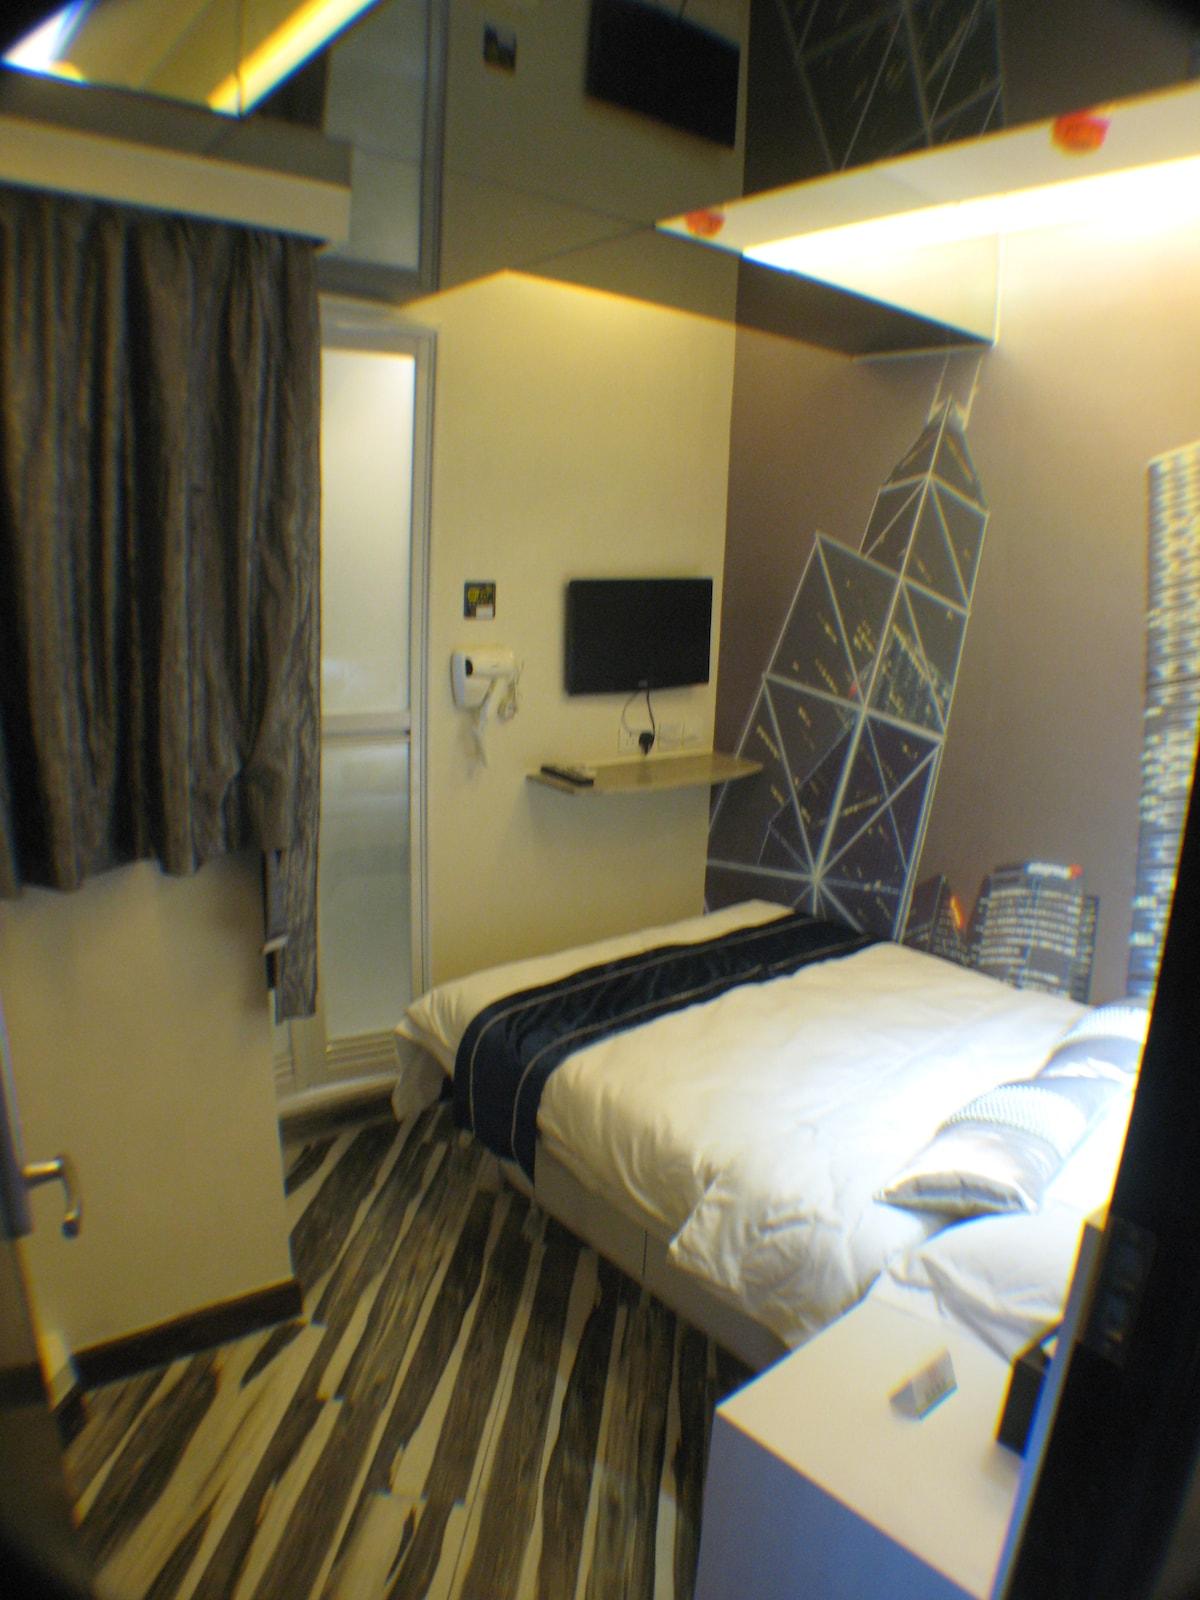 Mini Hotel lndependent room2